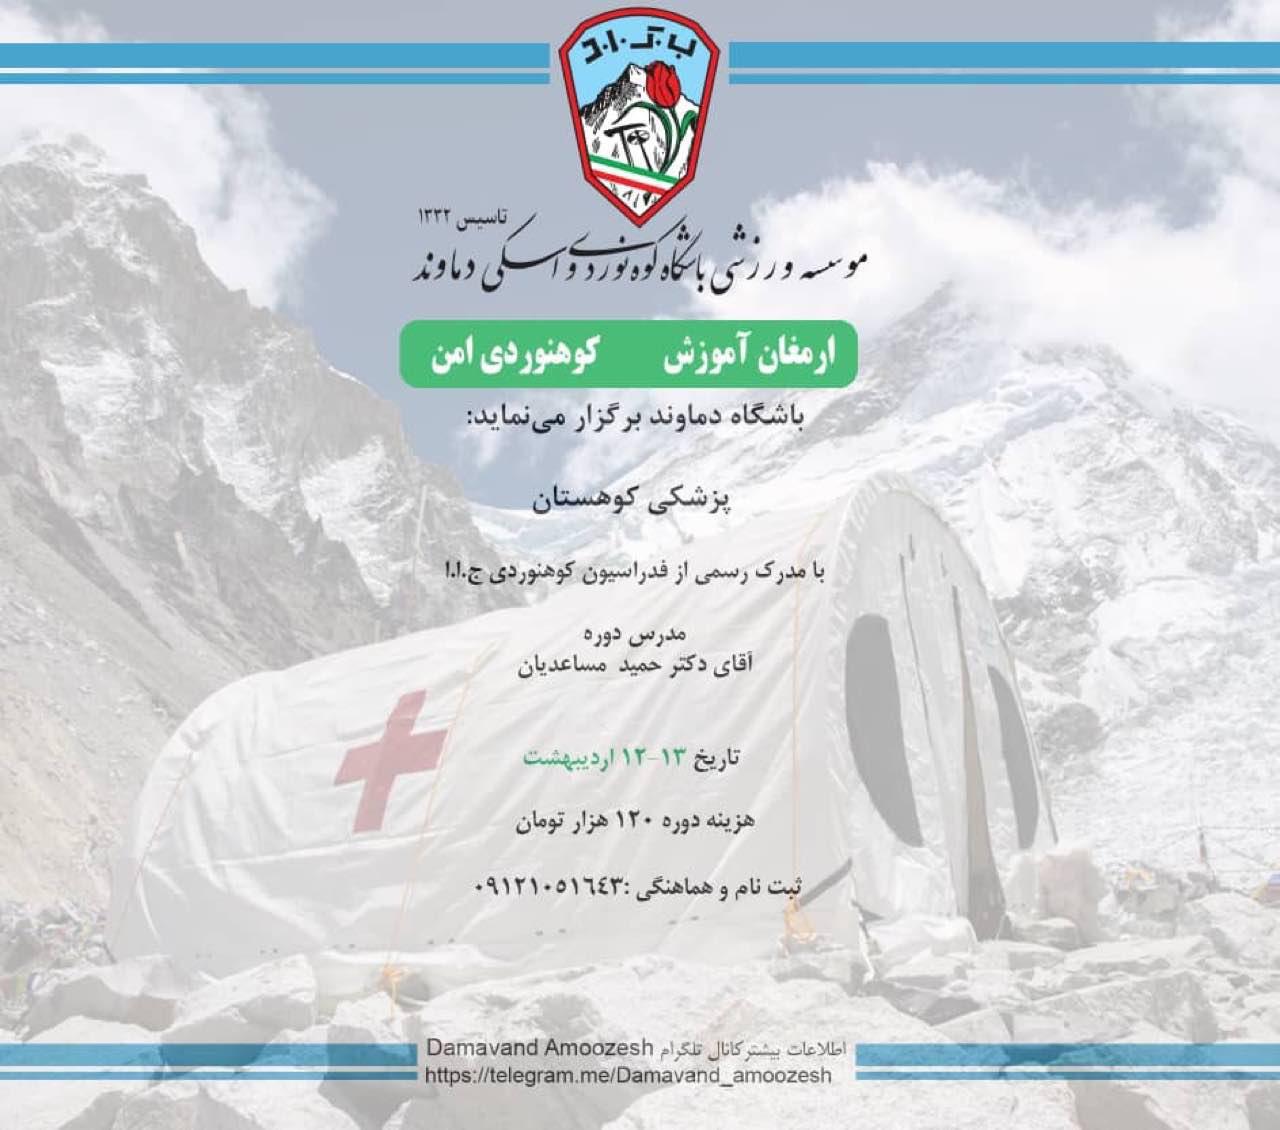 کارگاه پزشکی کوهستان – در حال پذیرش …